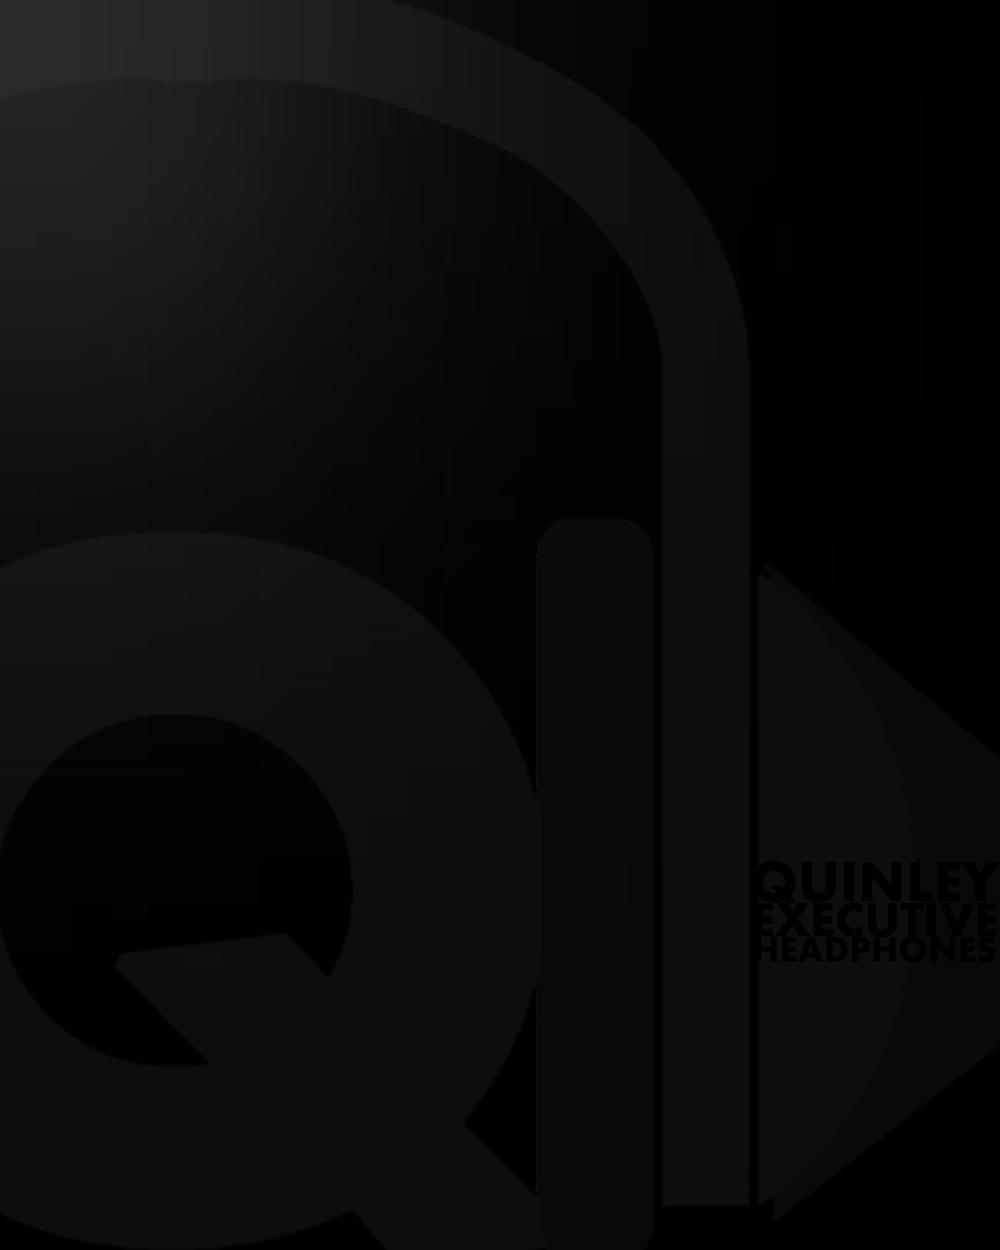 Qinley Headphones | Packaging